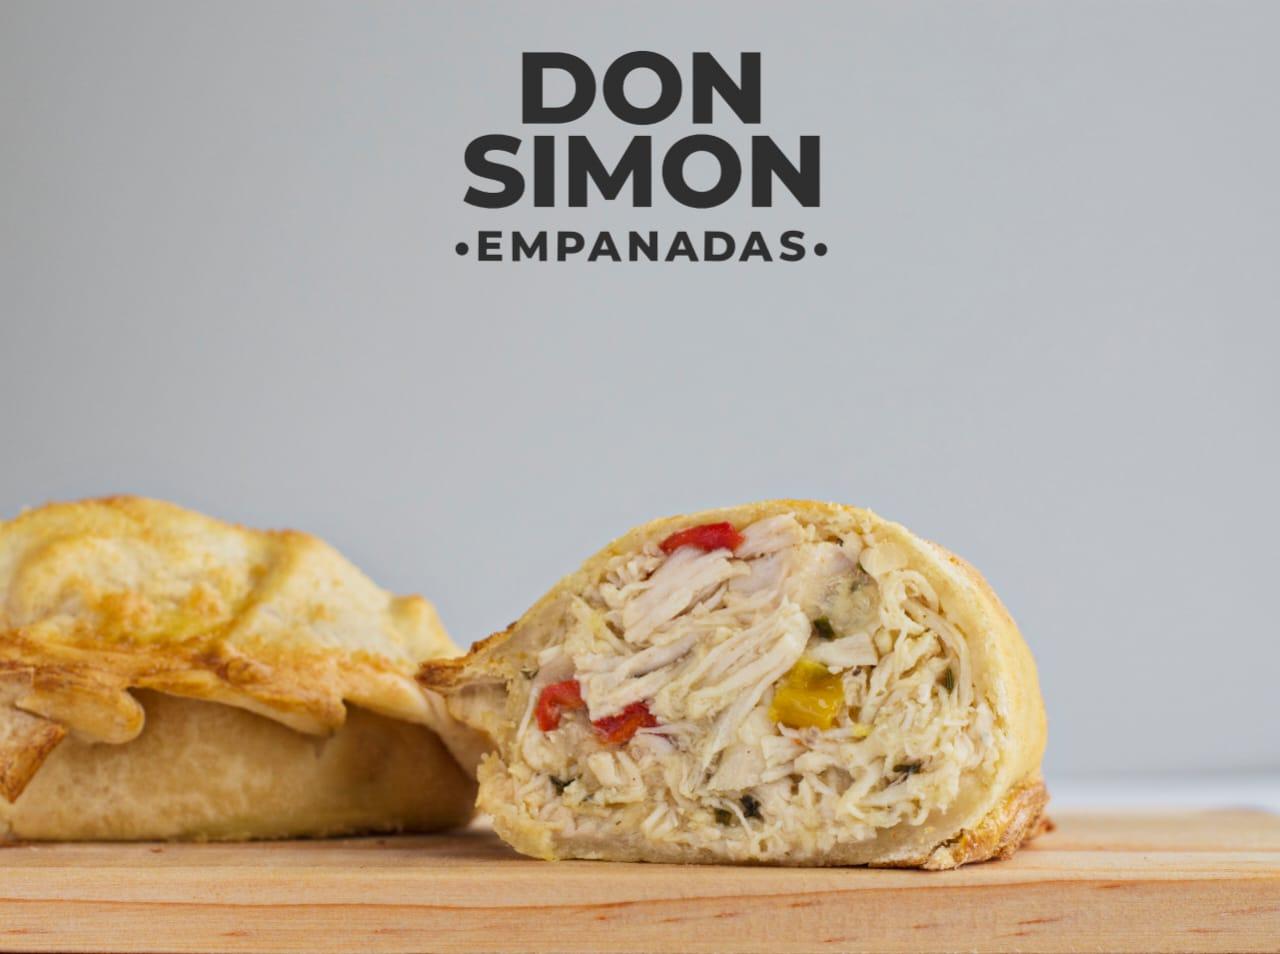 Don Simon Empanadas